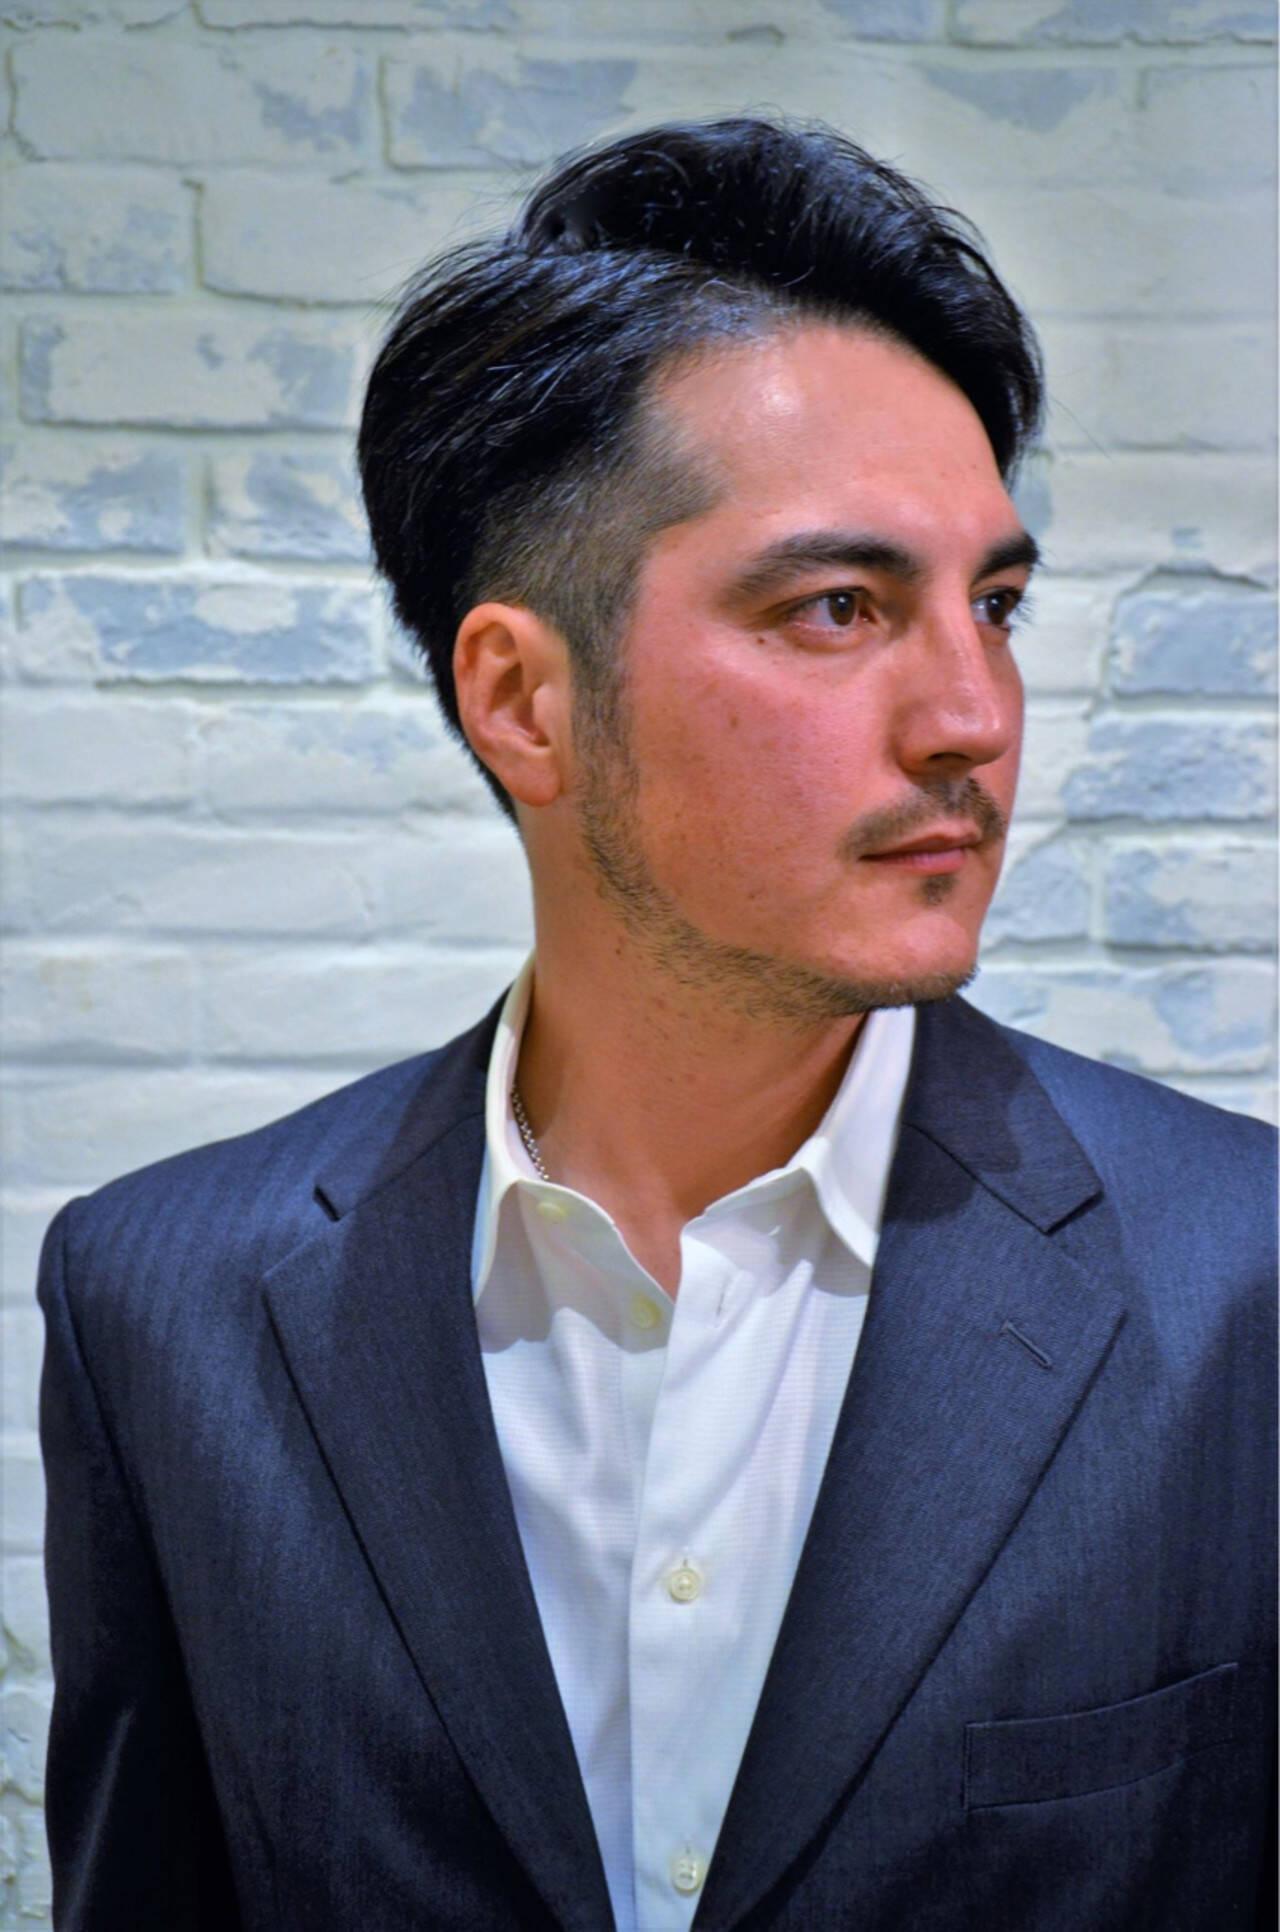 黒髪 ショート コンサバ メンズヘアスタイルや髪型の写真・画像